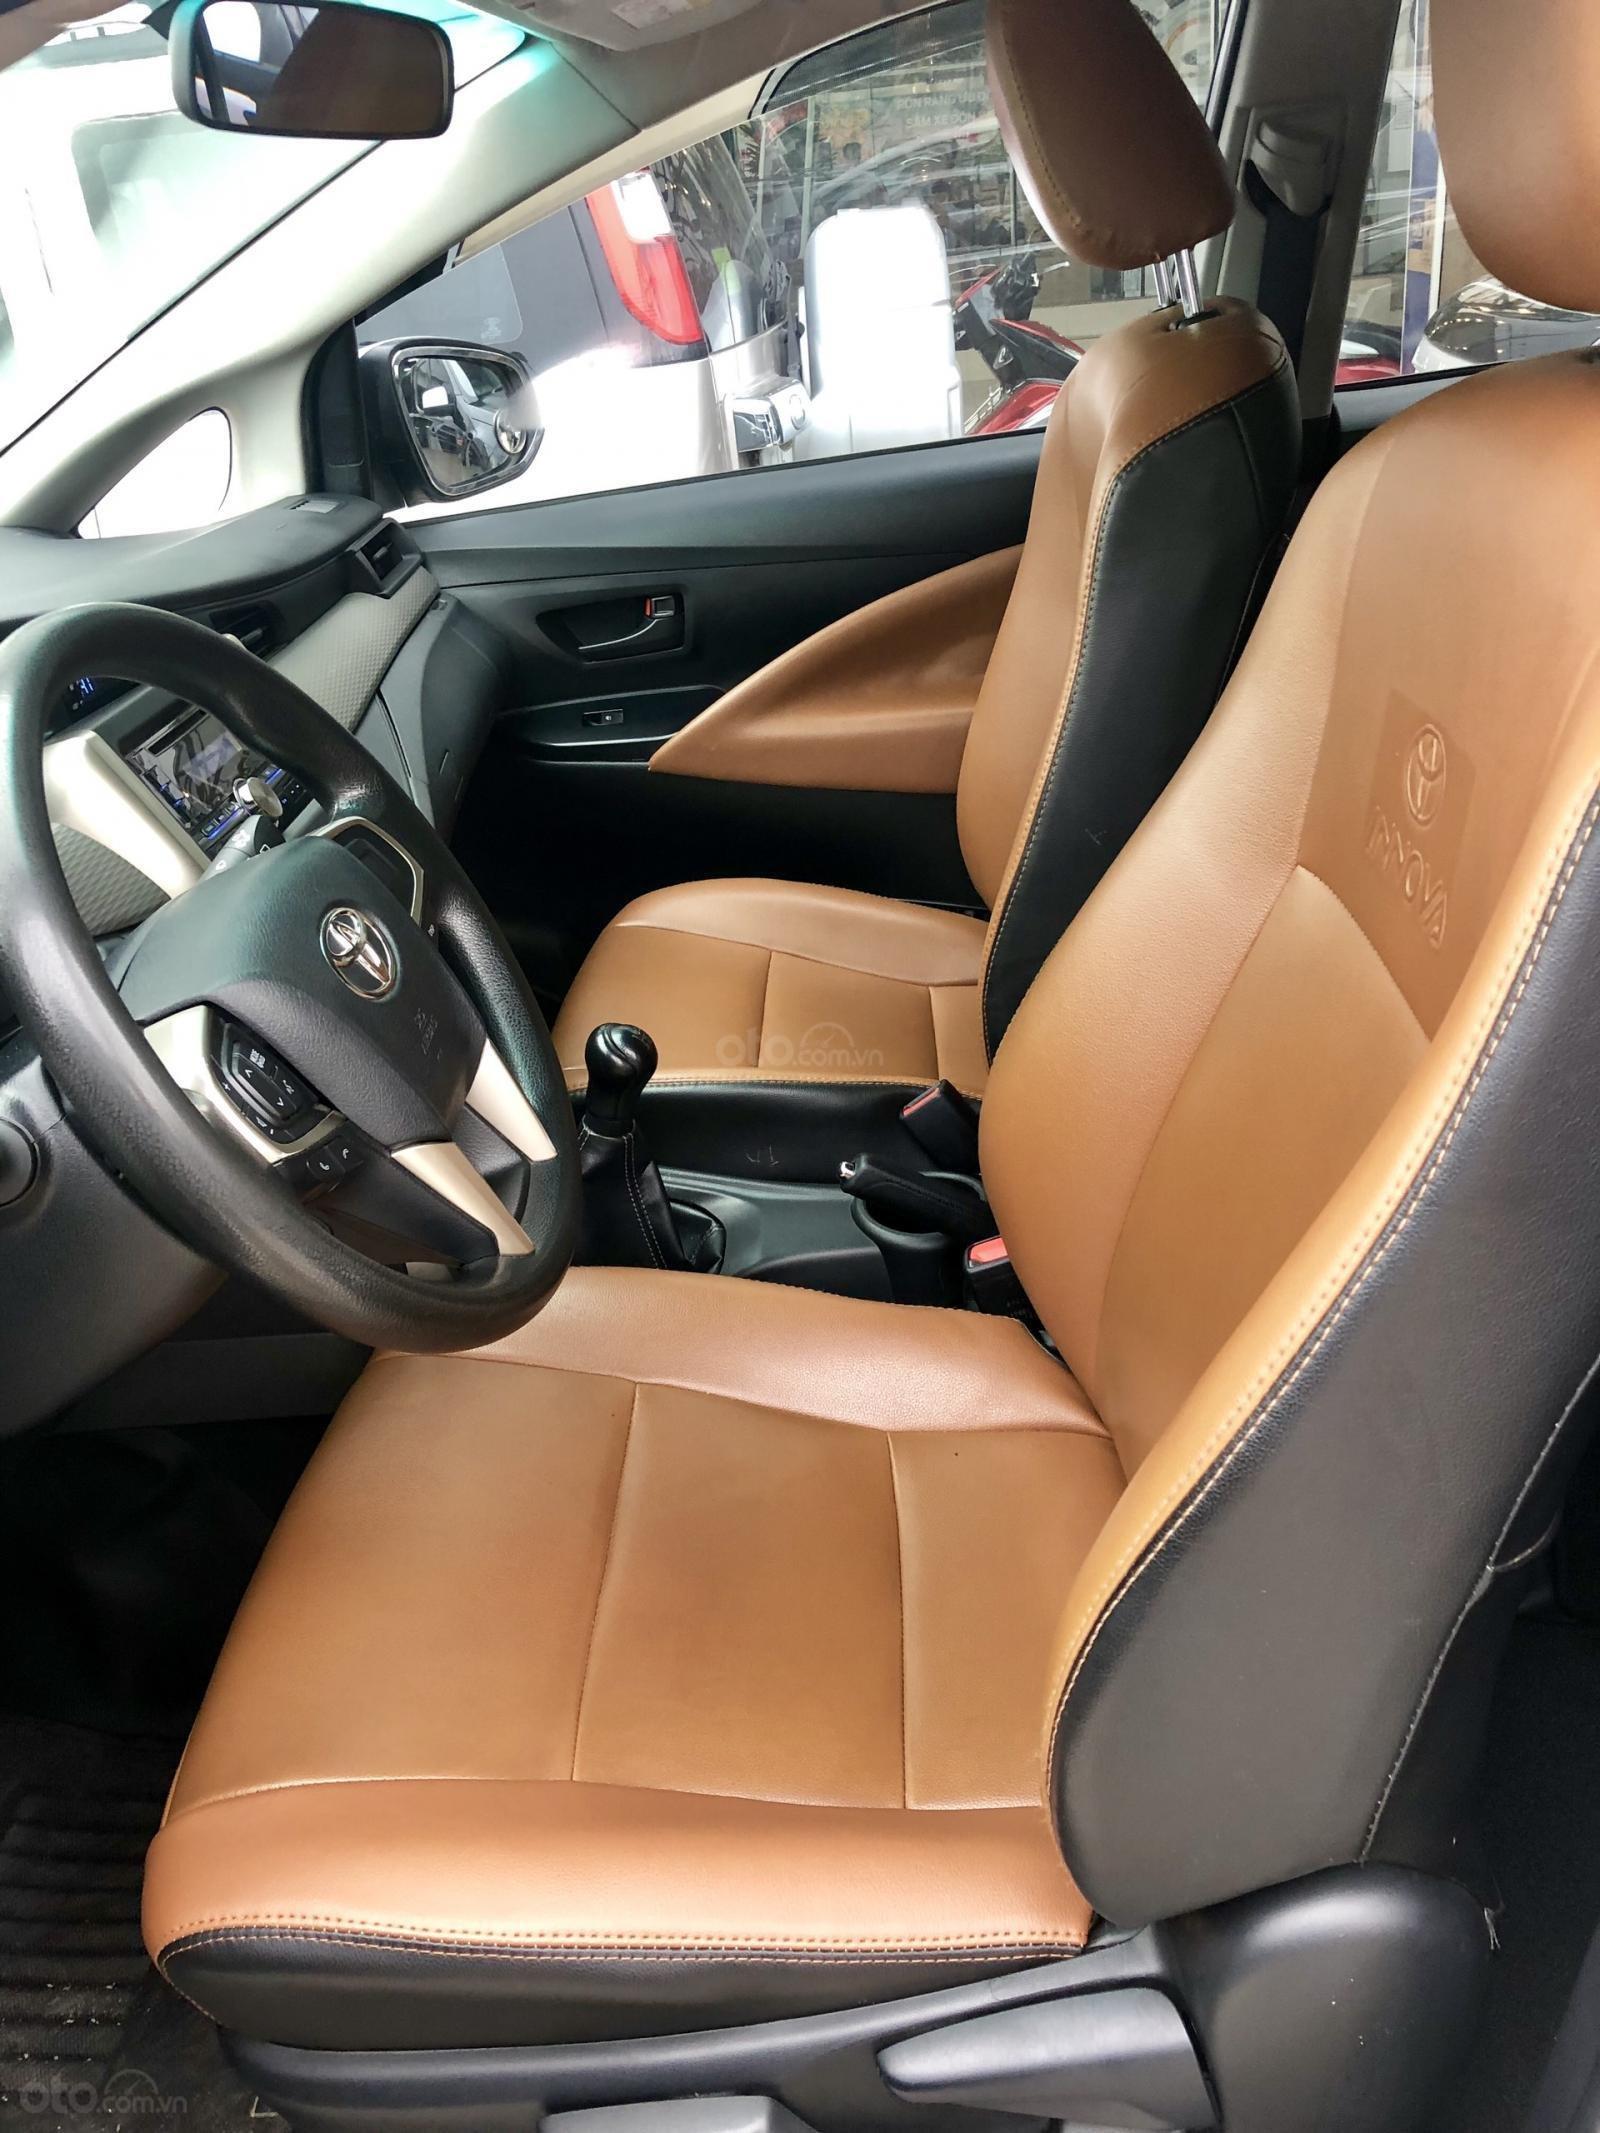 Bán Innova MT 2017, xe bán tại hãng Western Ford có bảo hành-5